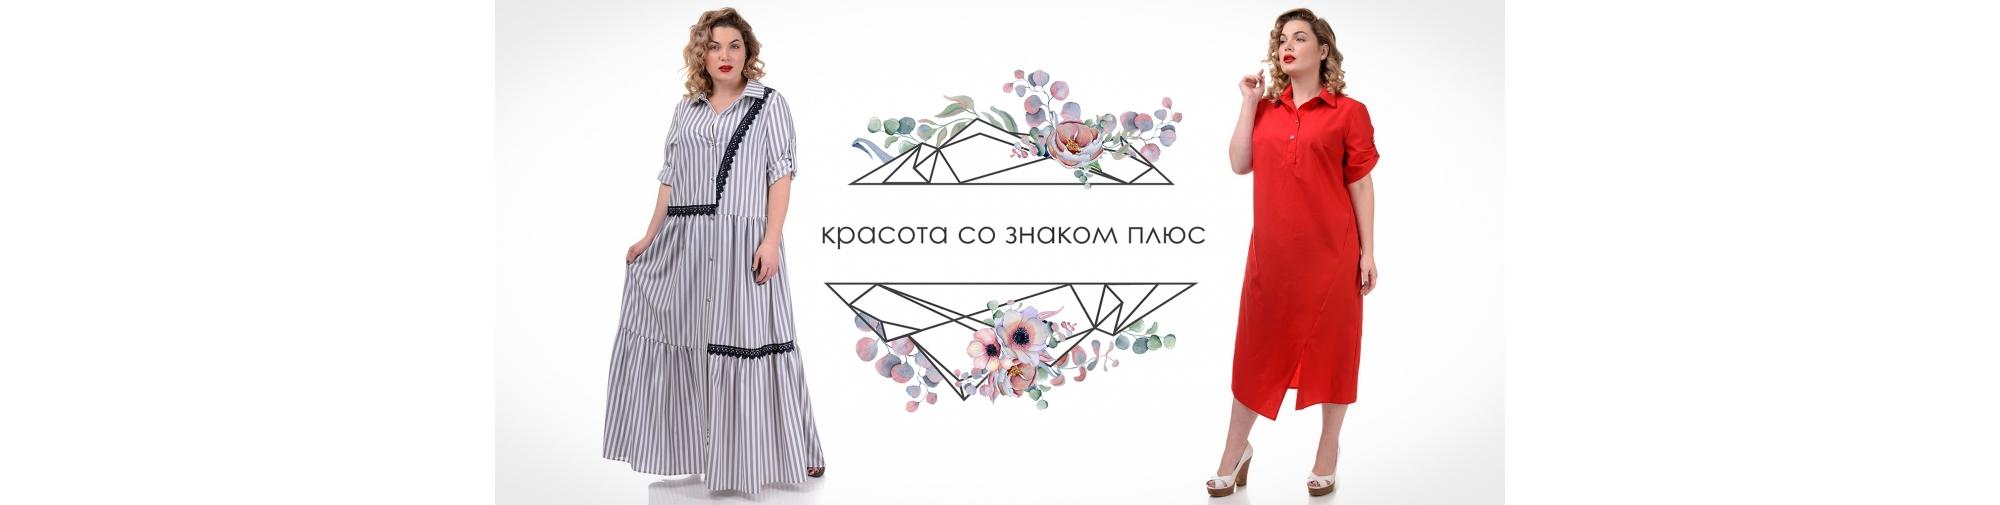 0fefda18184c Оптовый интернет-магазин женской одежды, купить модную женскую ...